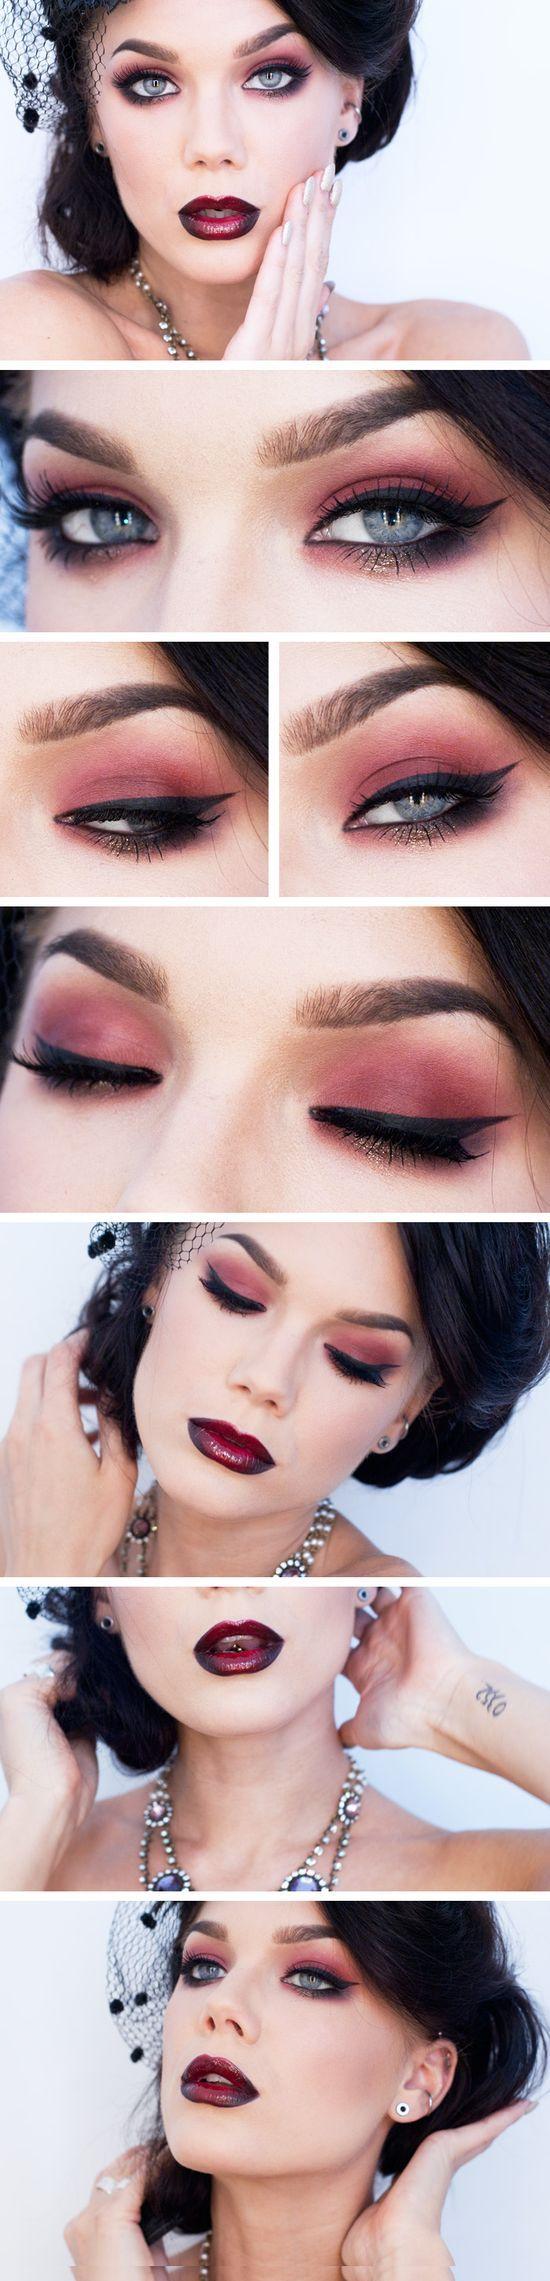 makeup#Eye Makeup| http://etsy.me/1BV5L8E https://www.steampunkartifacts.com